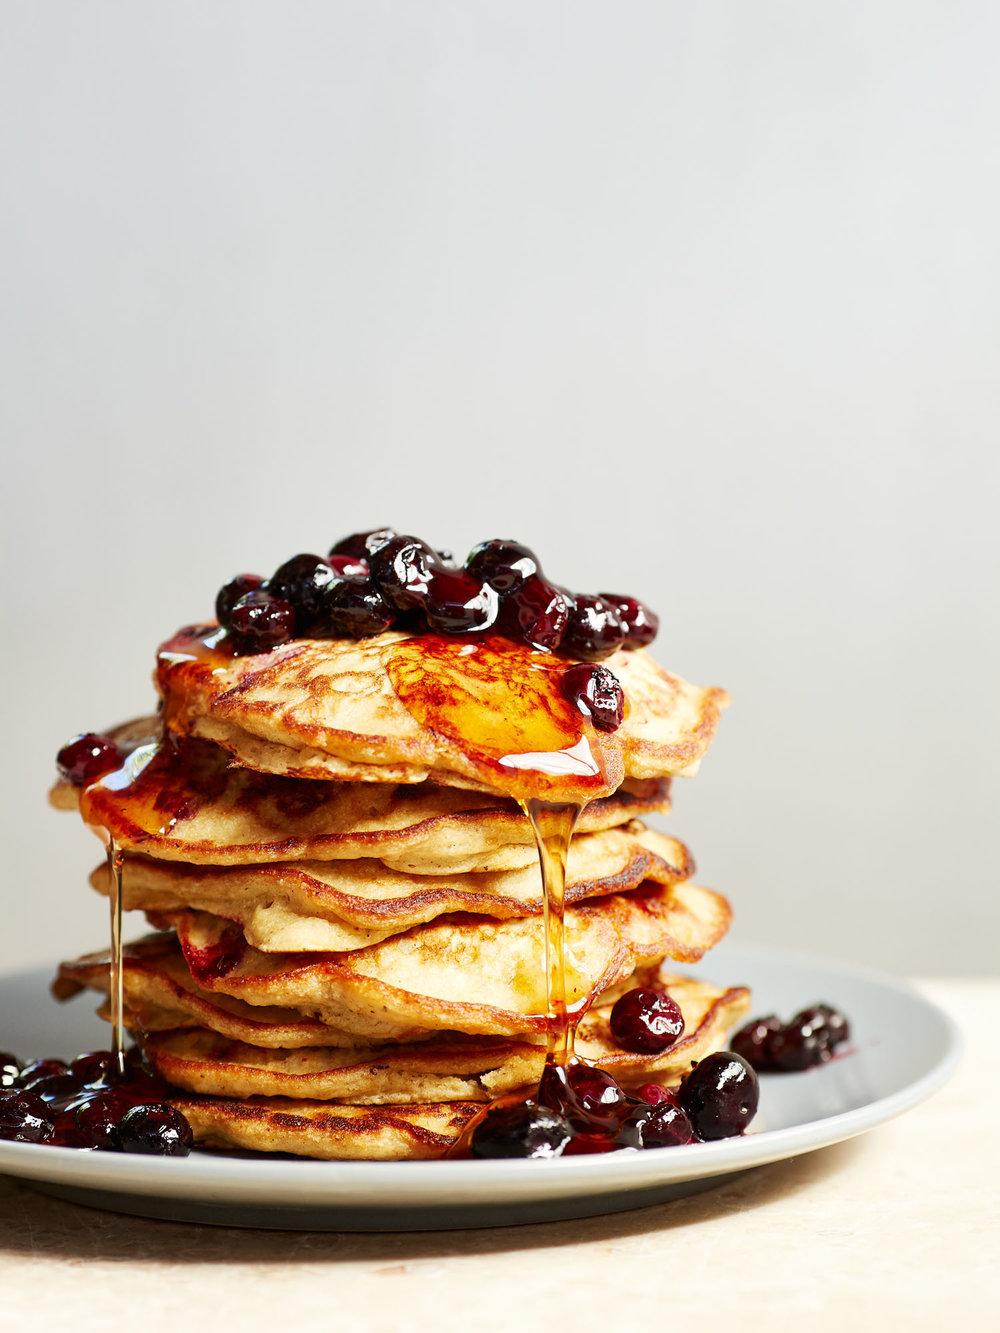 20150915_Tia_Breakfast_Pancakes_001.jpg